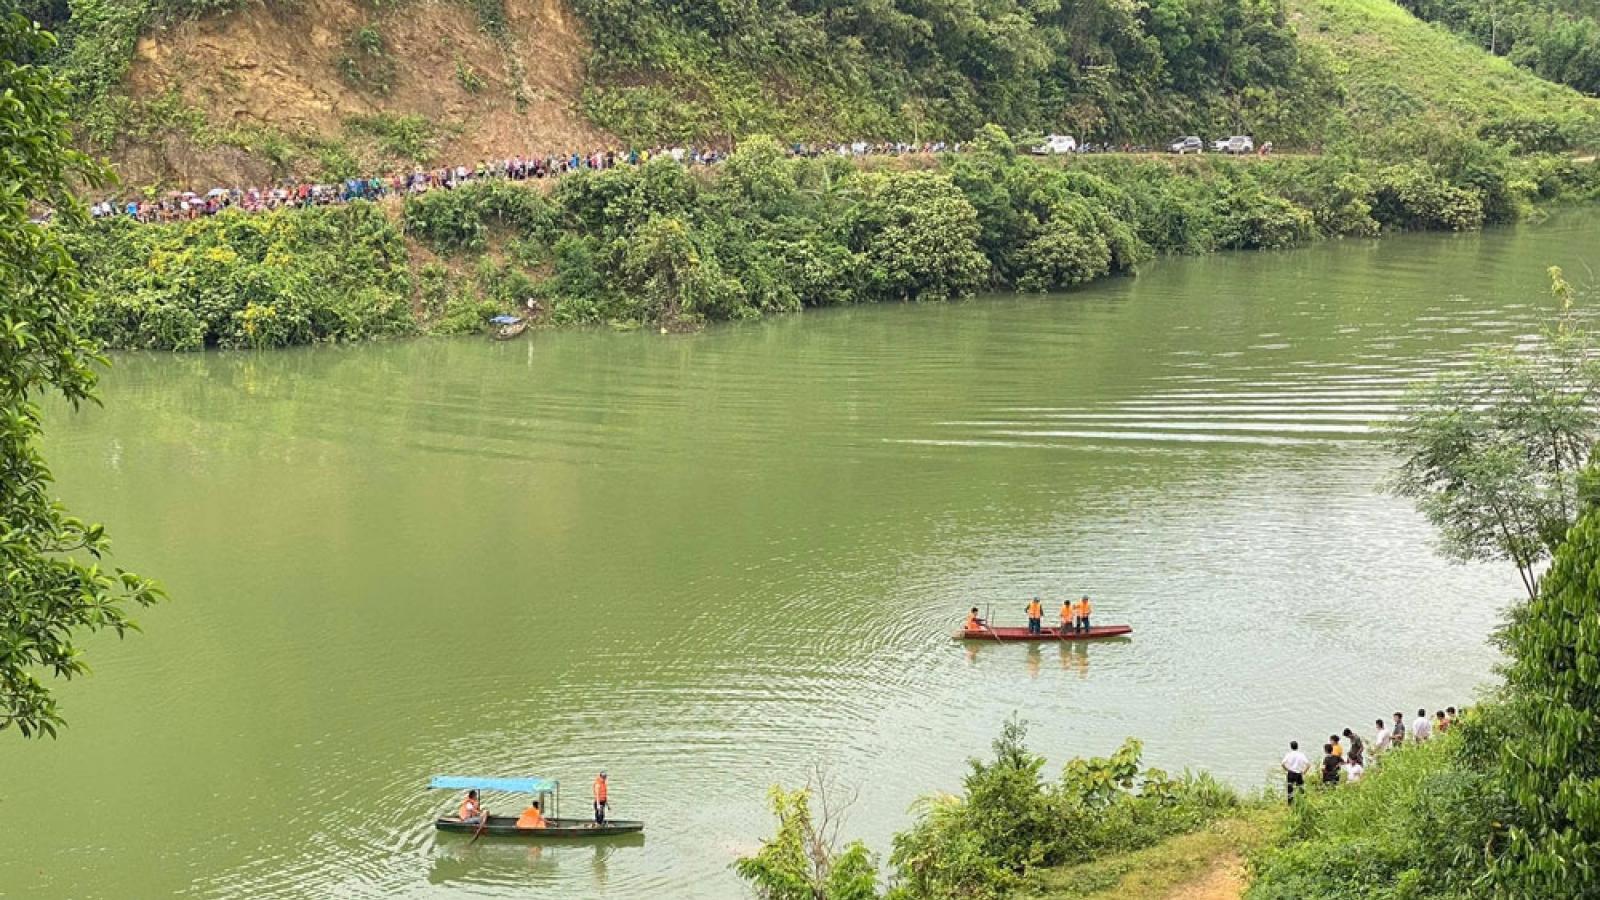 Chơi đêm trên sông Chảy bị lật thuyền, 3 người mất tích